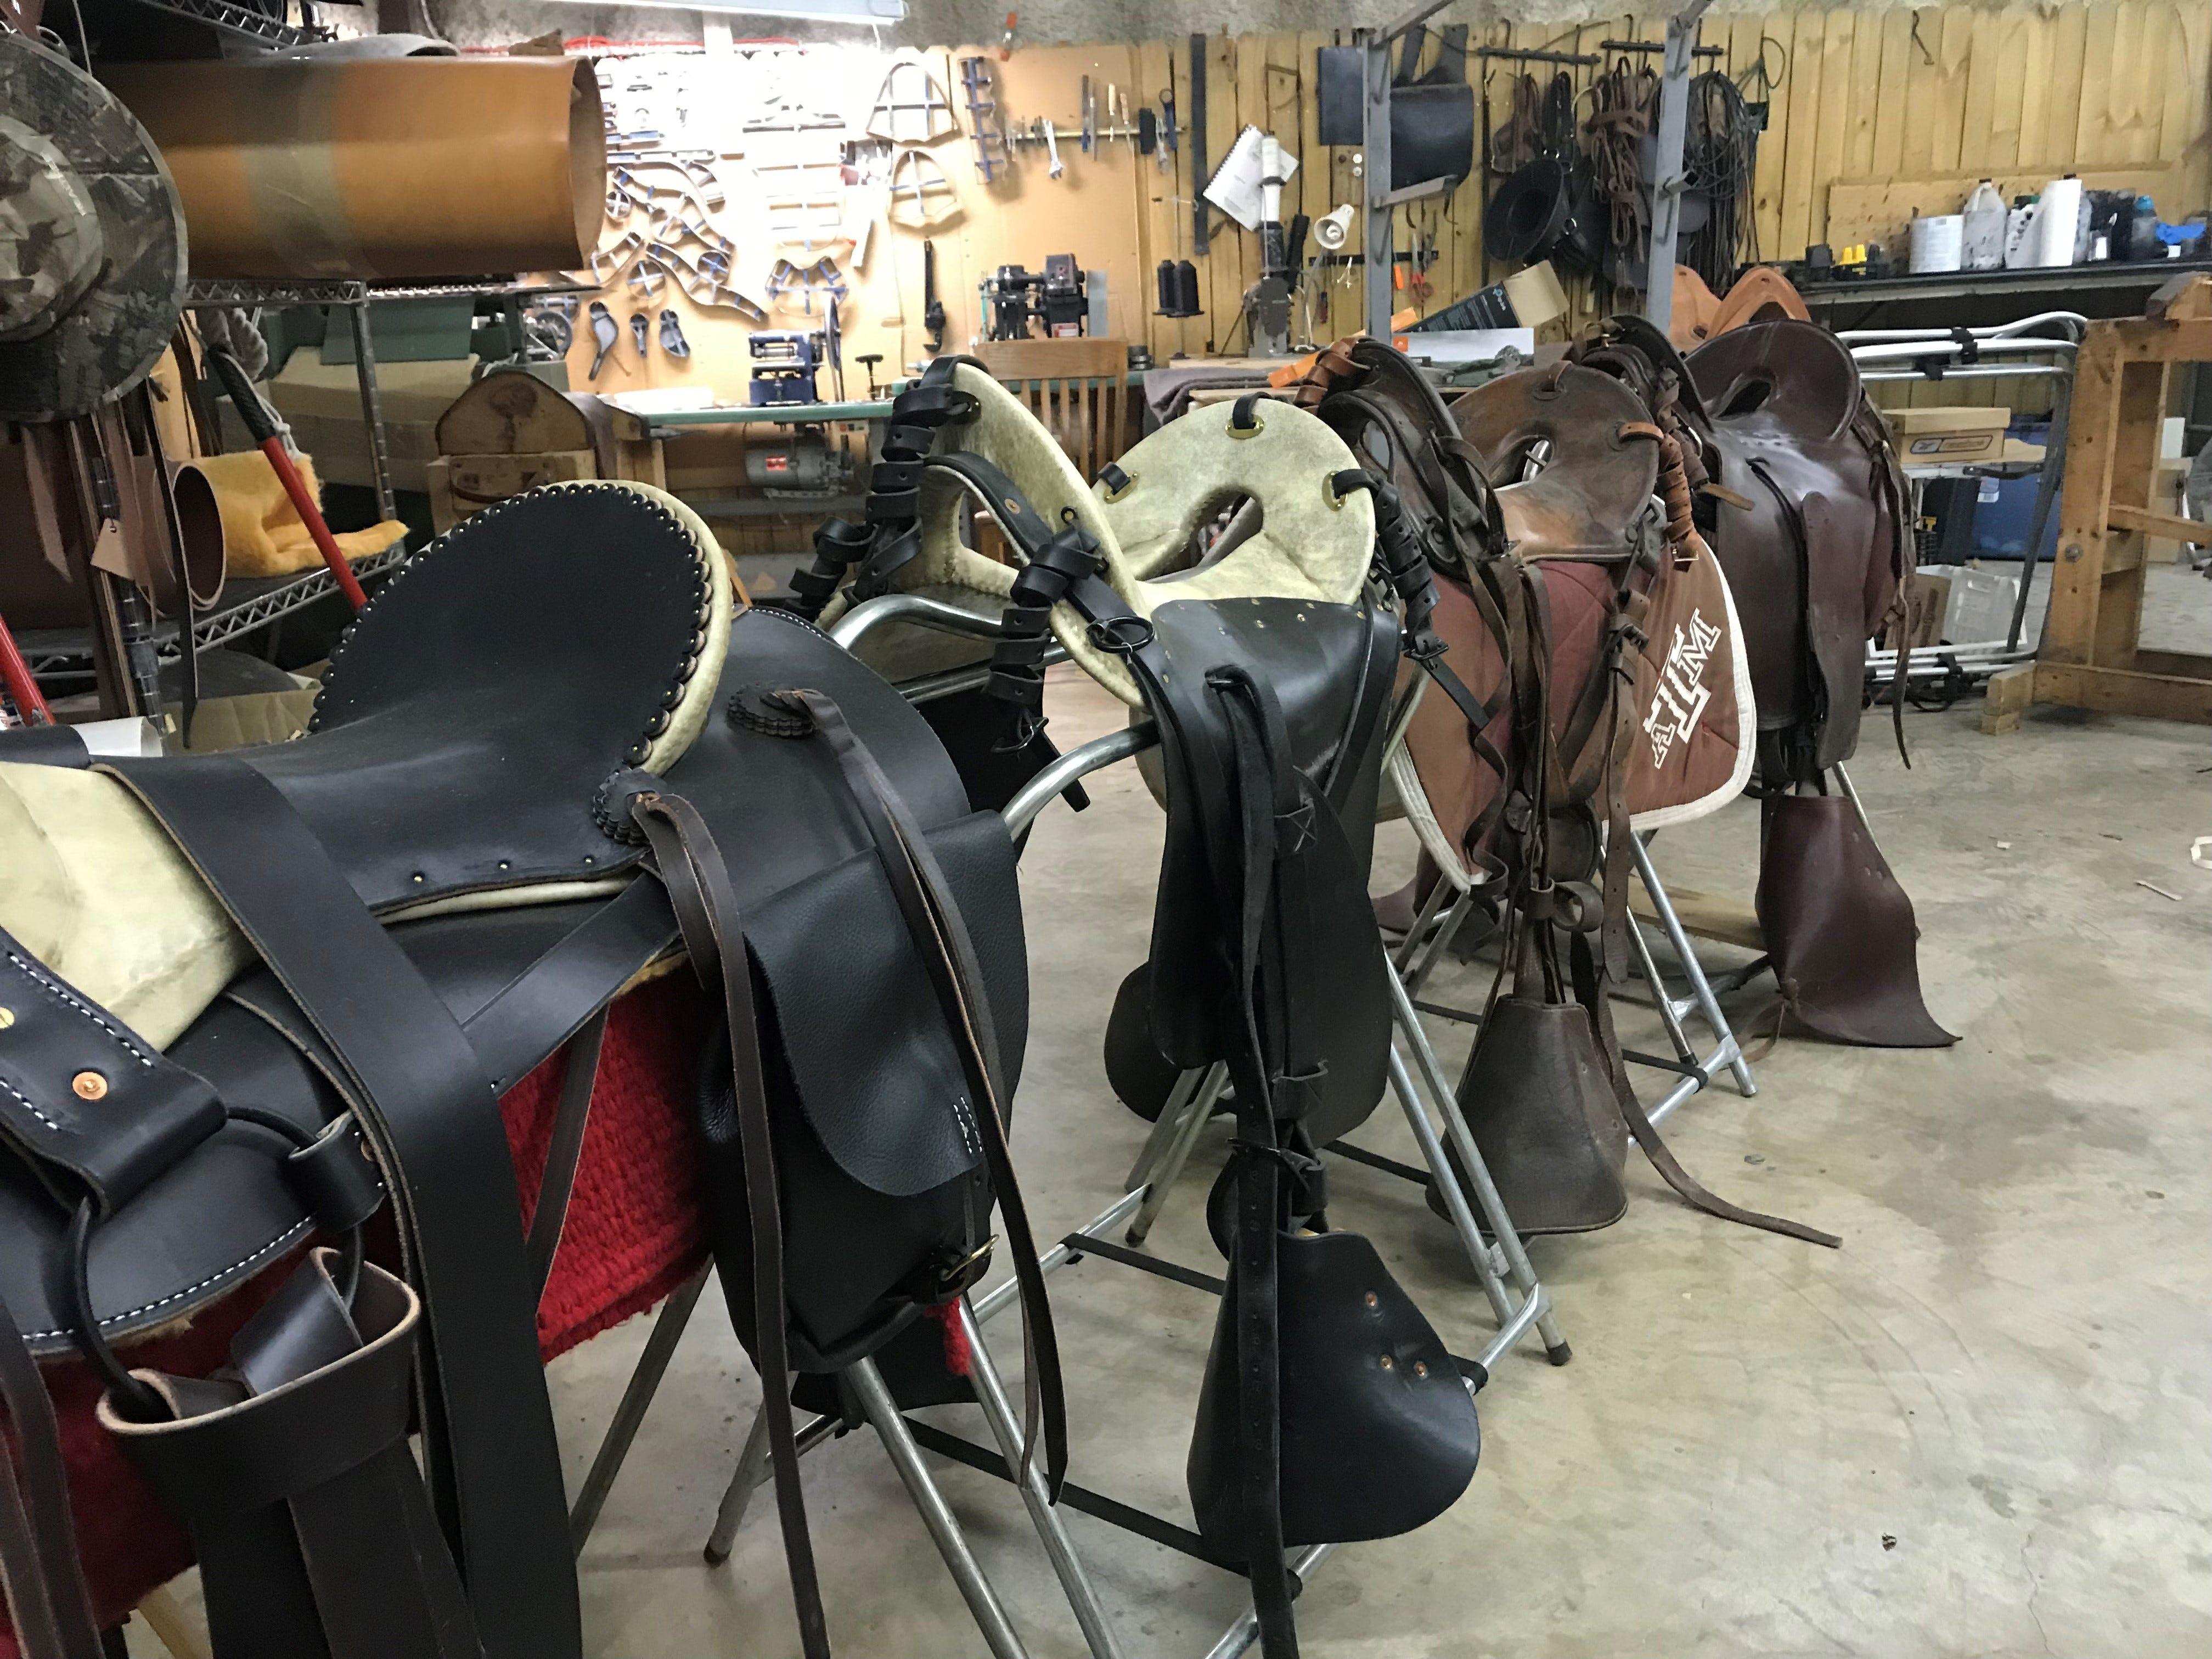 Saddles made by Nils Shawn Pascuzzi at Shawn's Custom Saddles and Tacks, 6581 Sykes Circle. Photo taken Jan. 2, 2019.